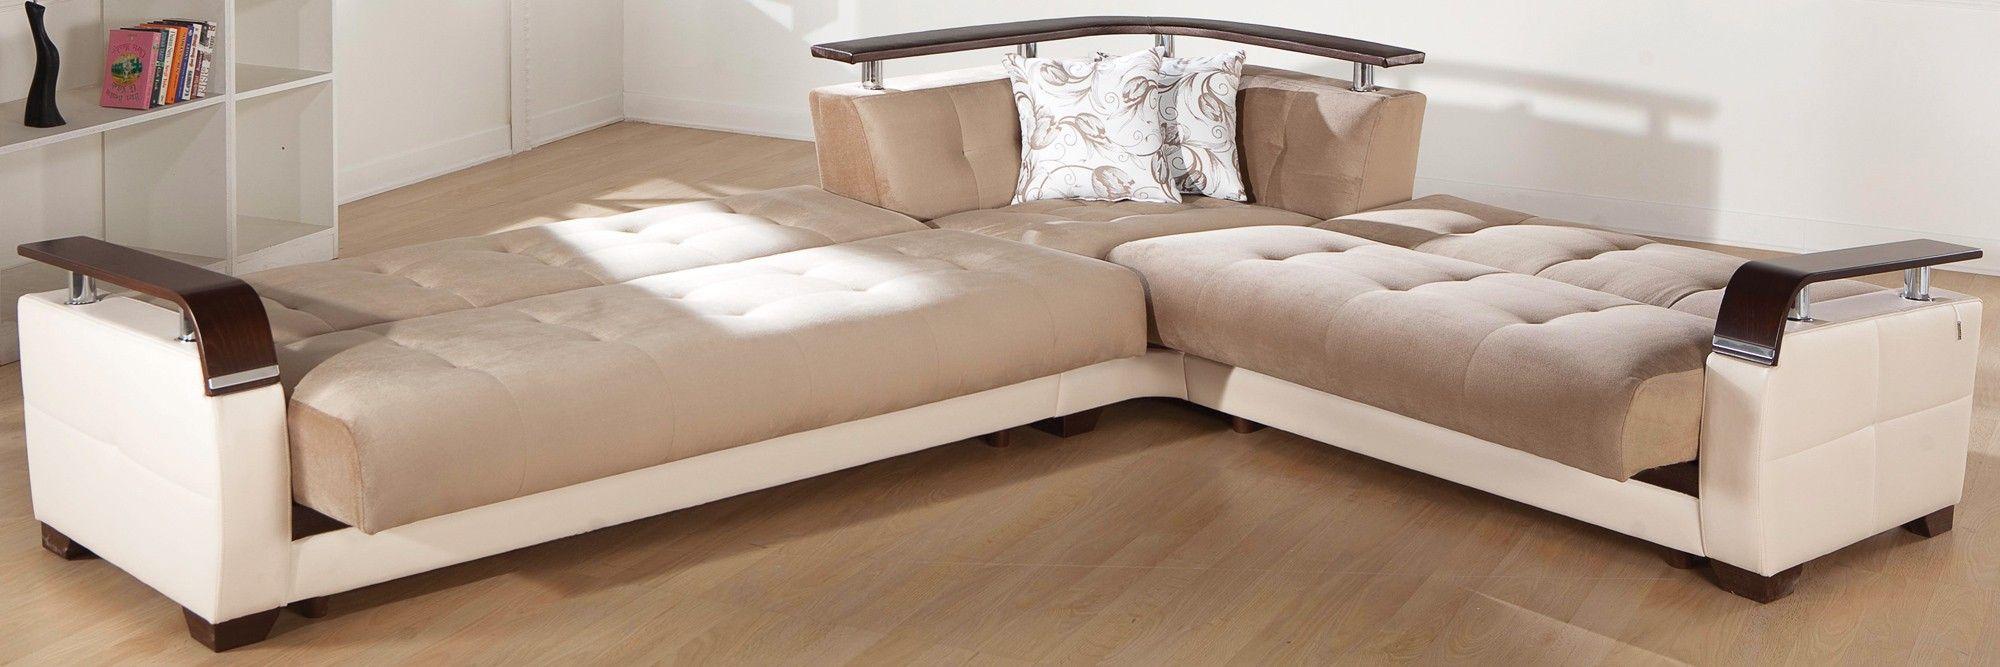 Sectional Sleeper Sofa Sleeper sectional Istikbal Sleeper Sofa